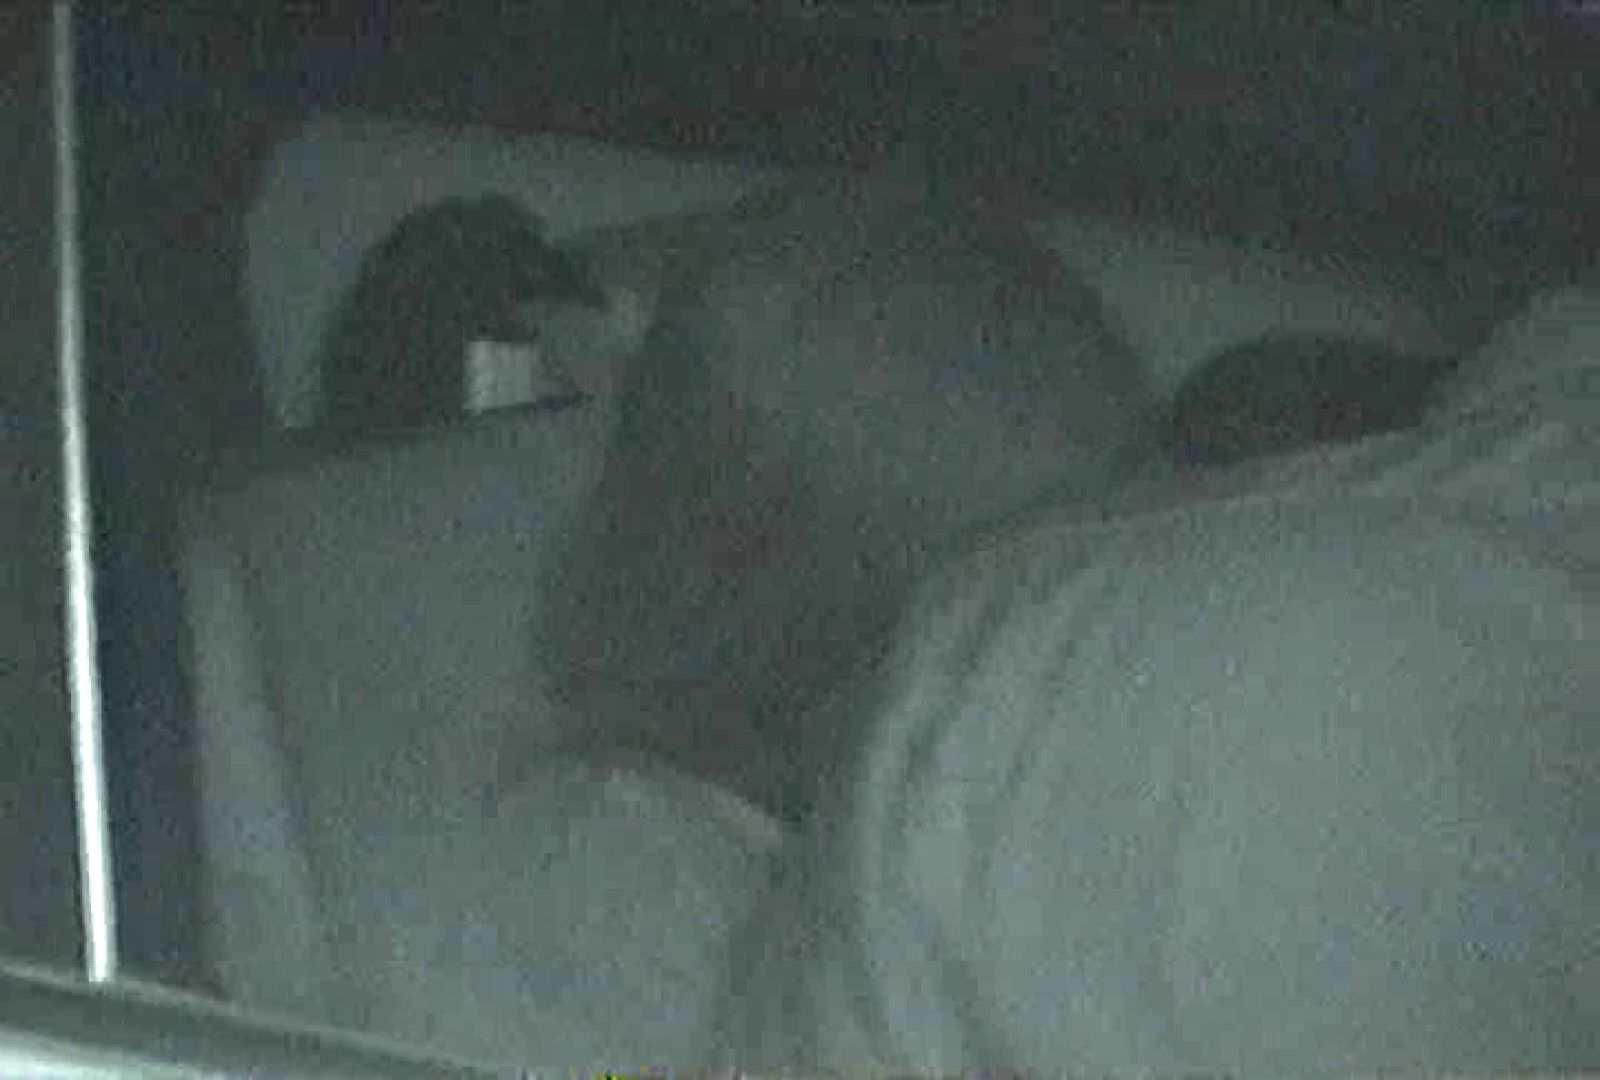 充血監督の深夜の運動会Vol.61 おっぱい 盗撮オメコ無修正動画無料 53画像 50